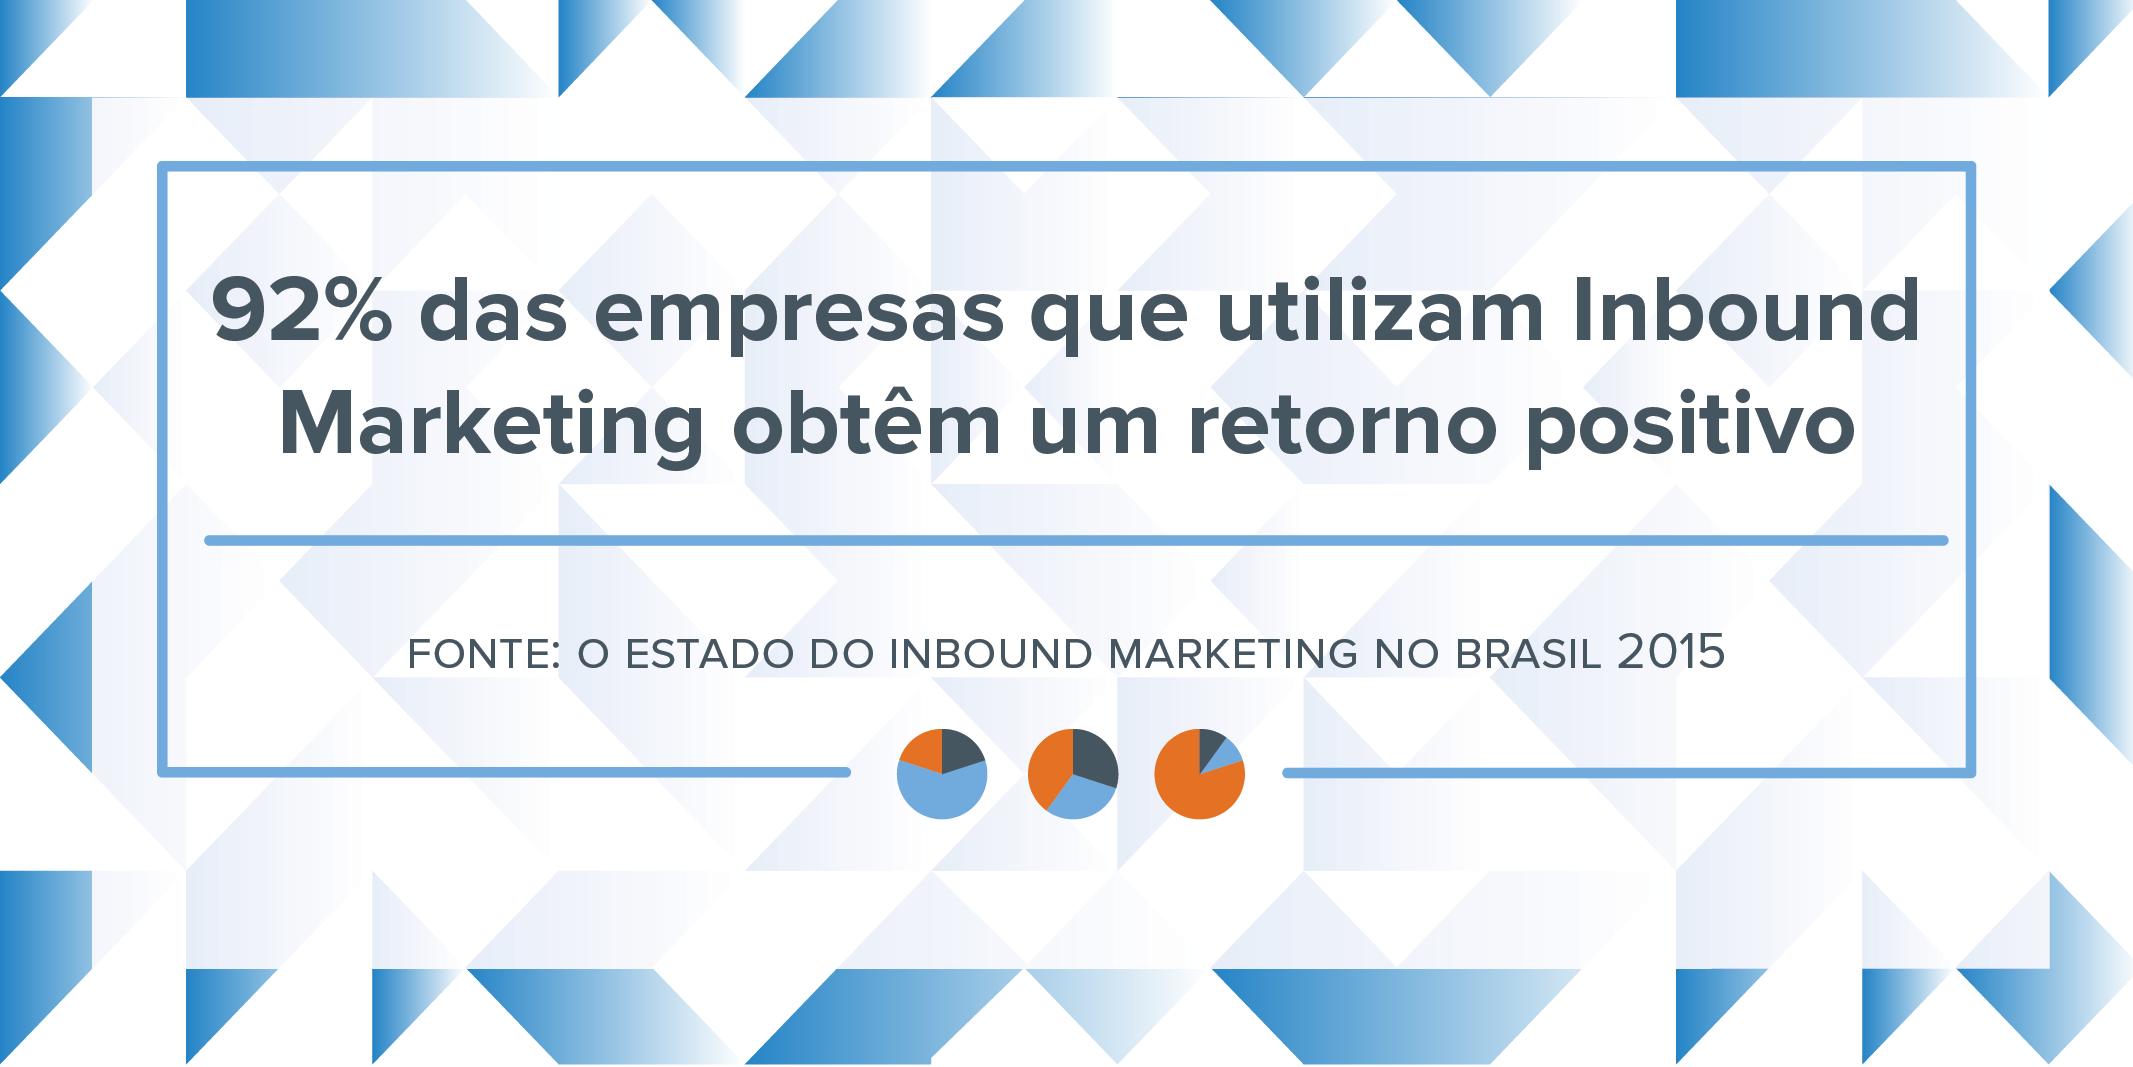 estatisticas-de-inbound-marketing-10.png